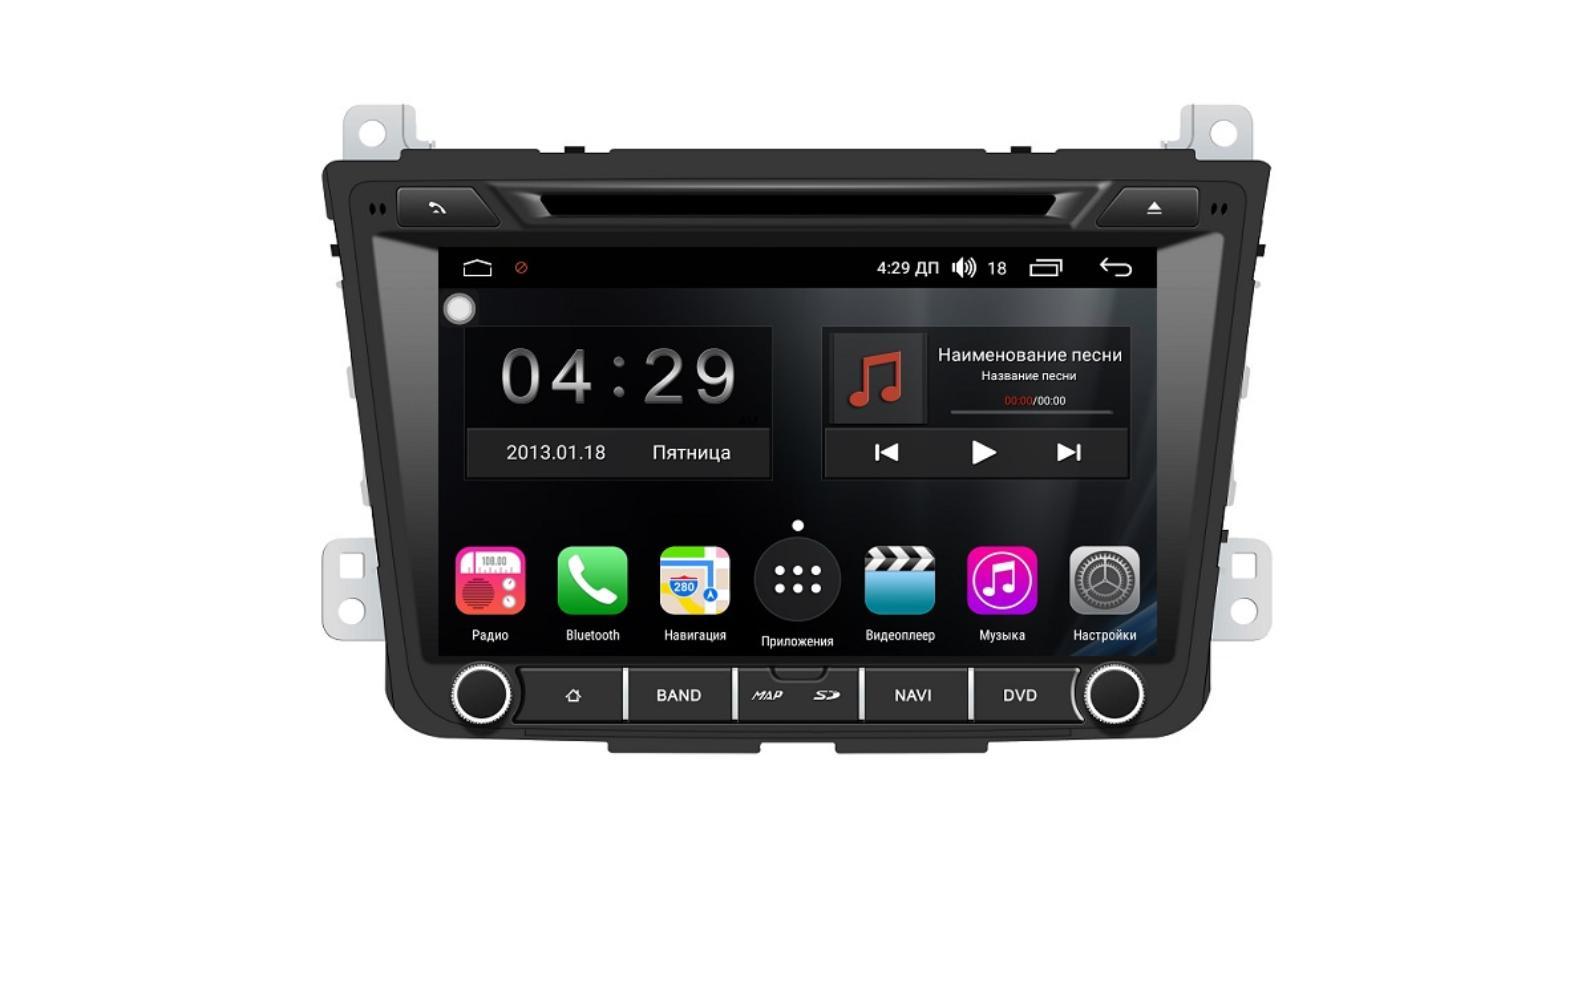 Штатная магнитола FarCar s300 для Hyundai Creta на Android (RL407) (+ Камера заднего вида в подарок!)